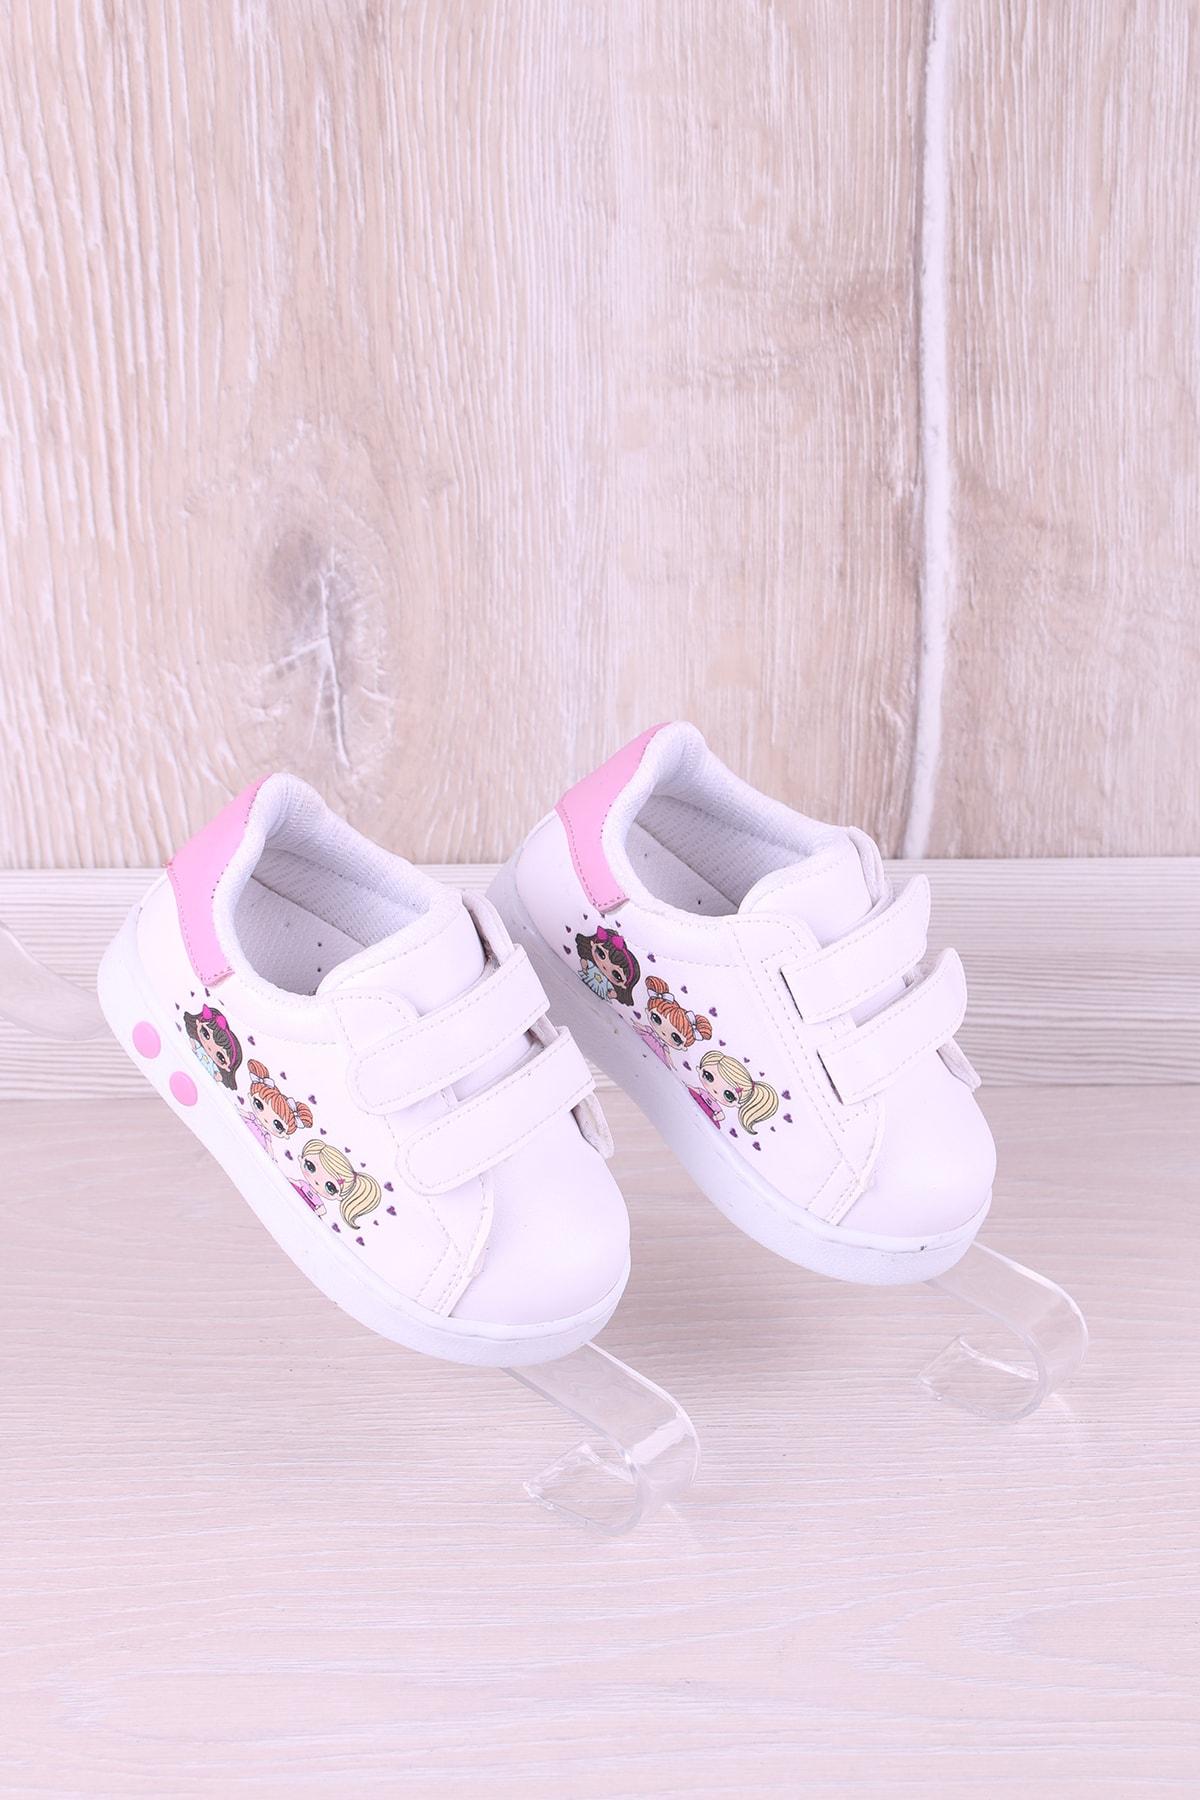 Kidya Kız Bebek Beyaz Baskılı İlk Adım Antibakteriyel Ortopedik Ayakkabı 2